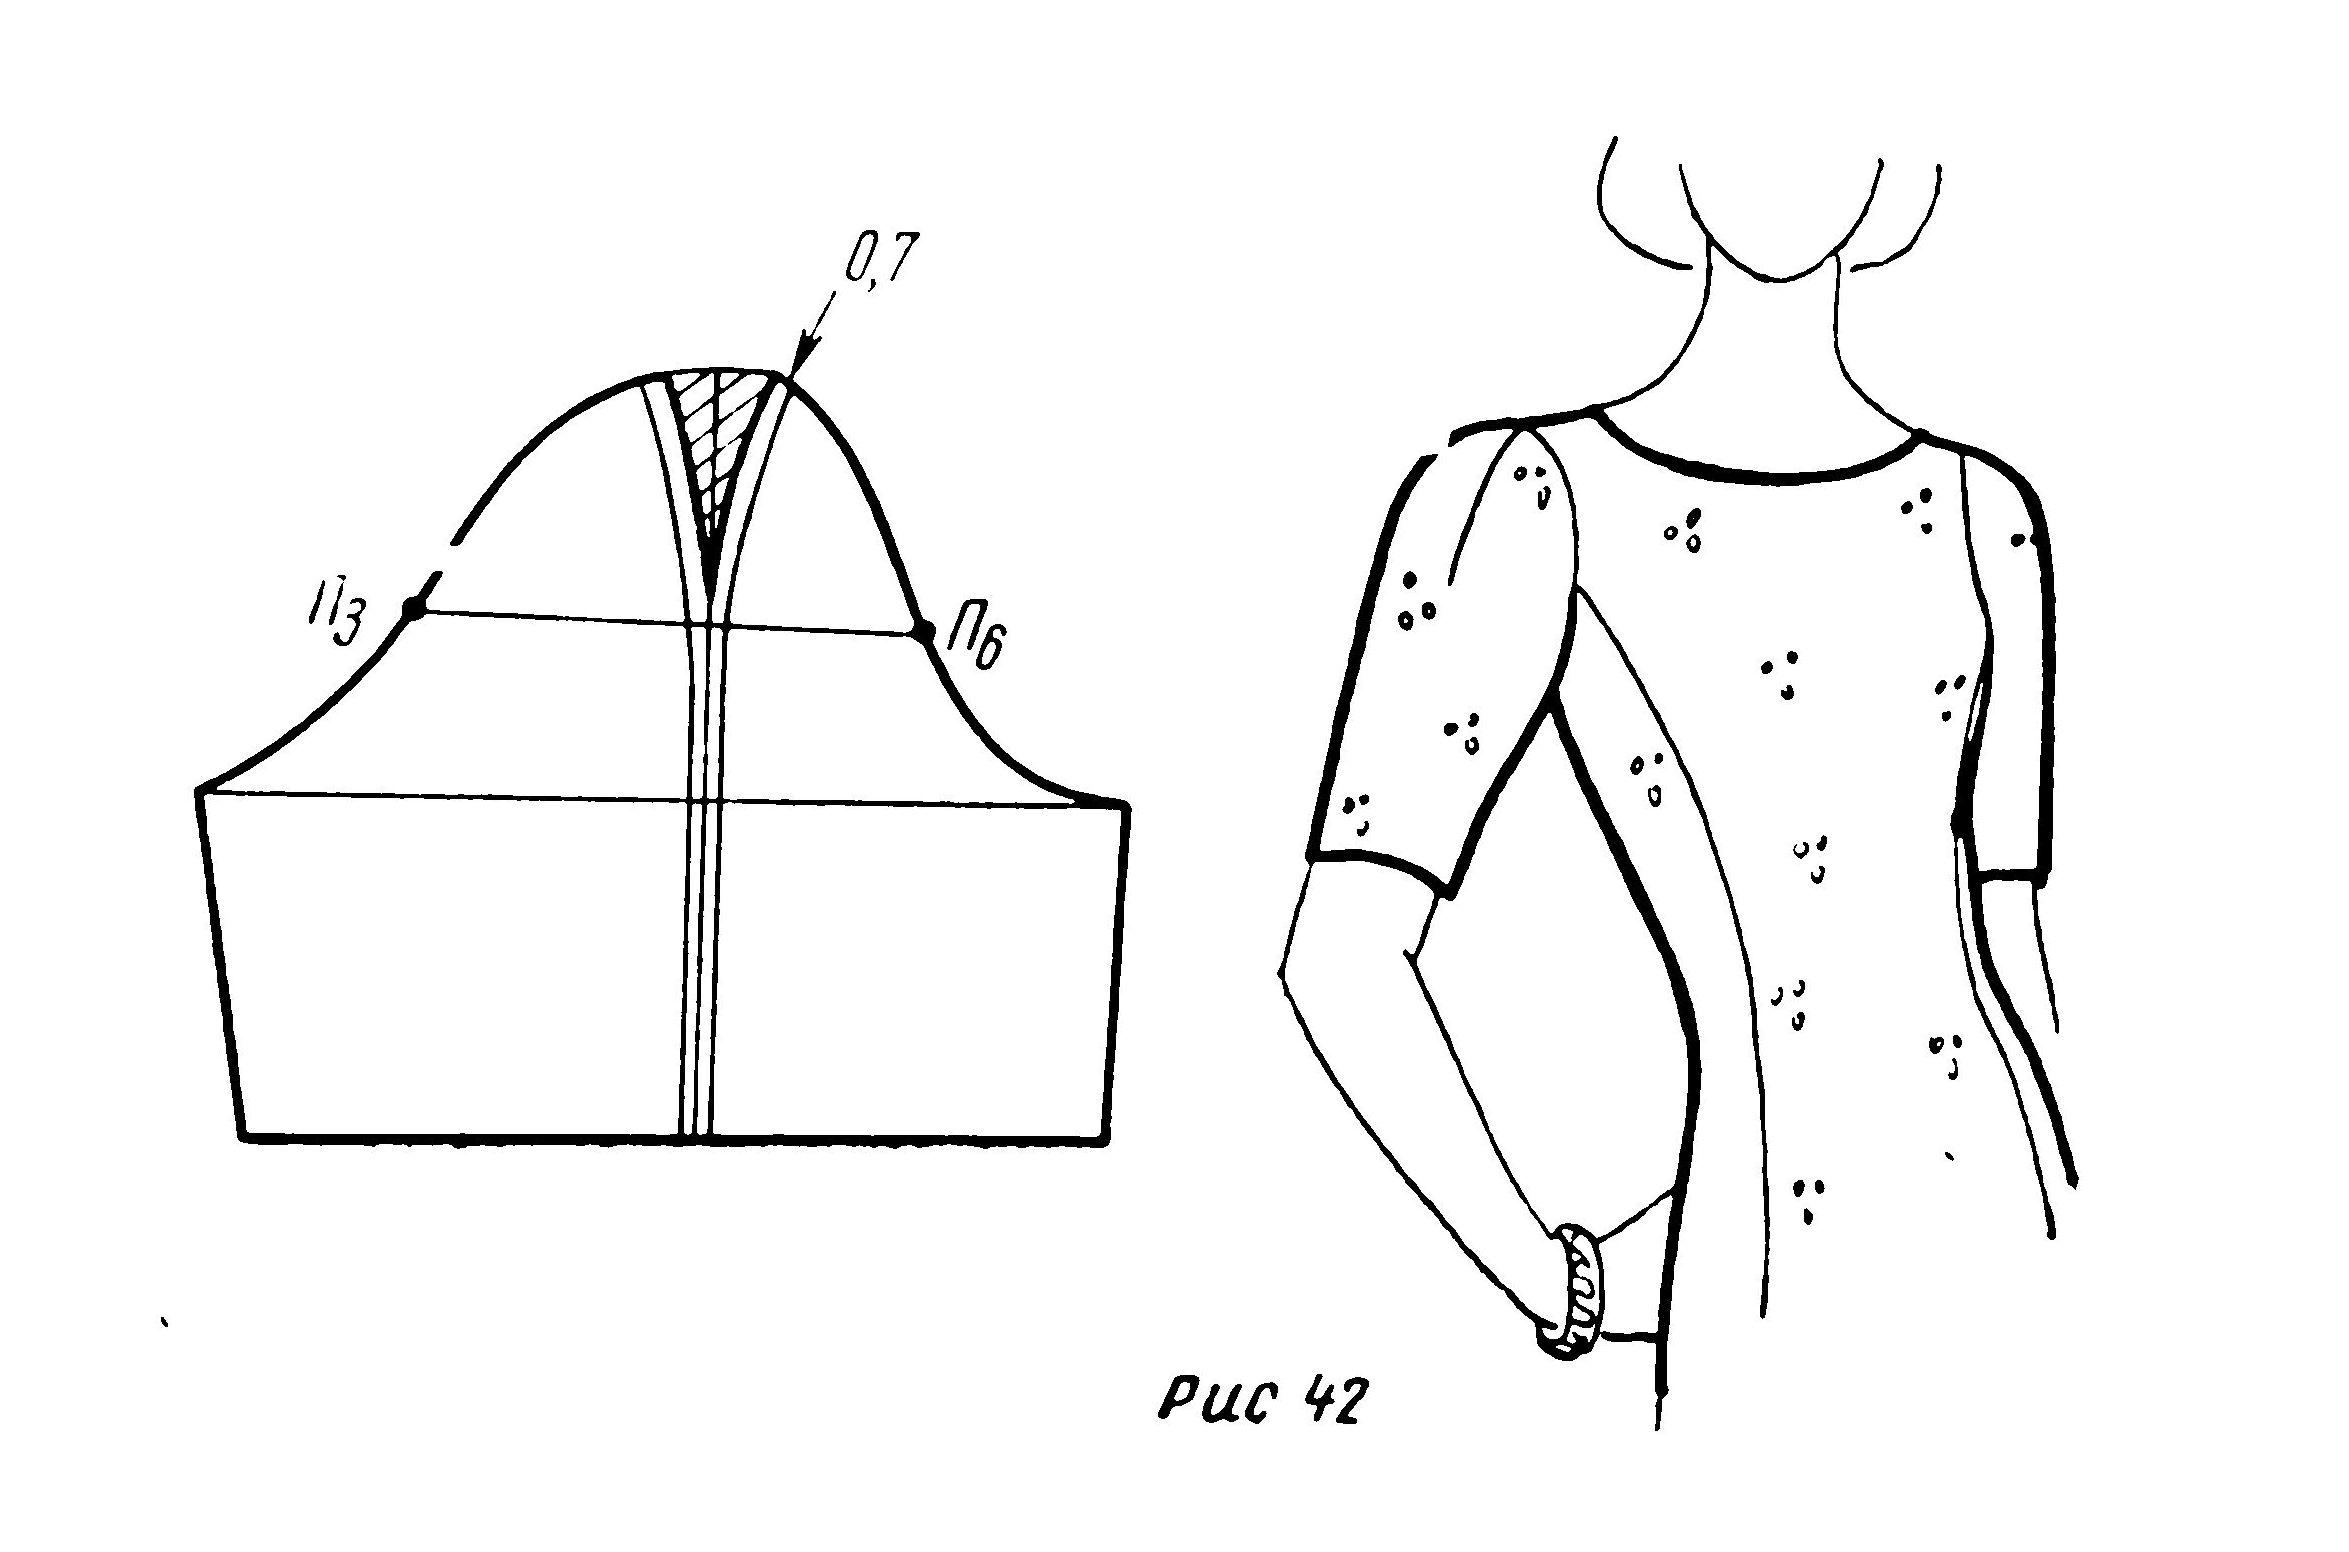 Как сшить блузку кармен своими руками быстро и без выкройки 92